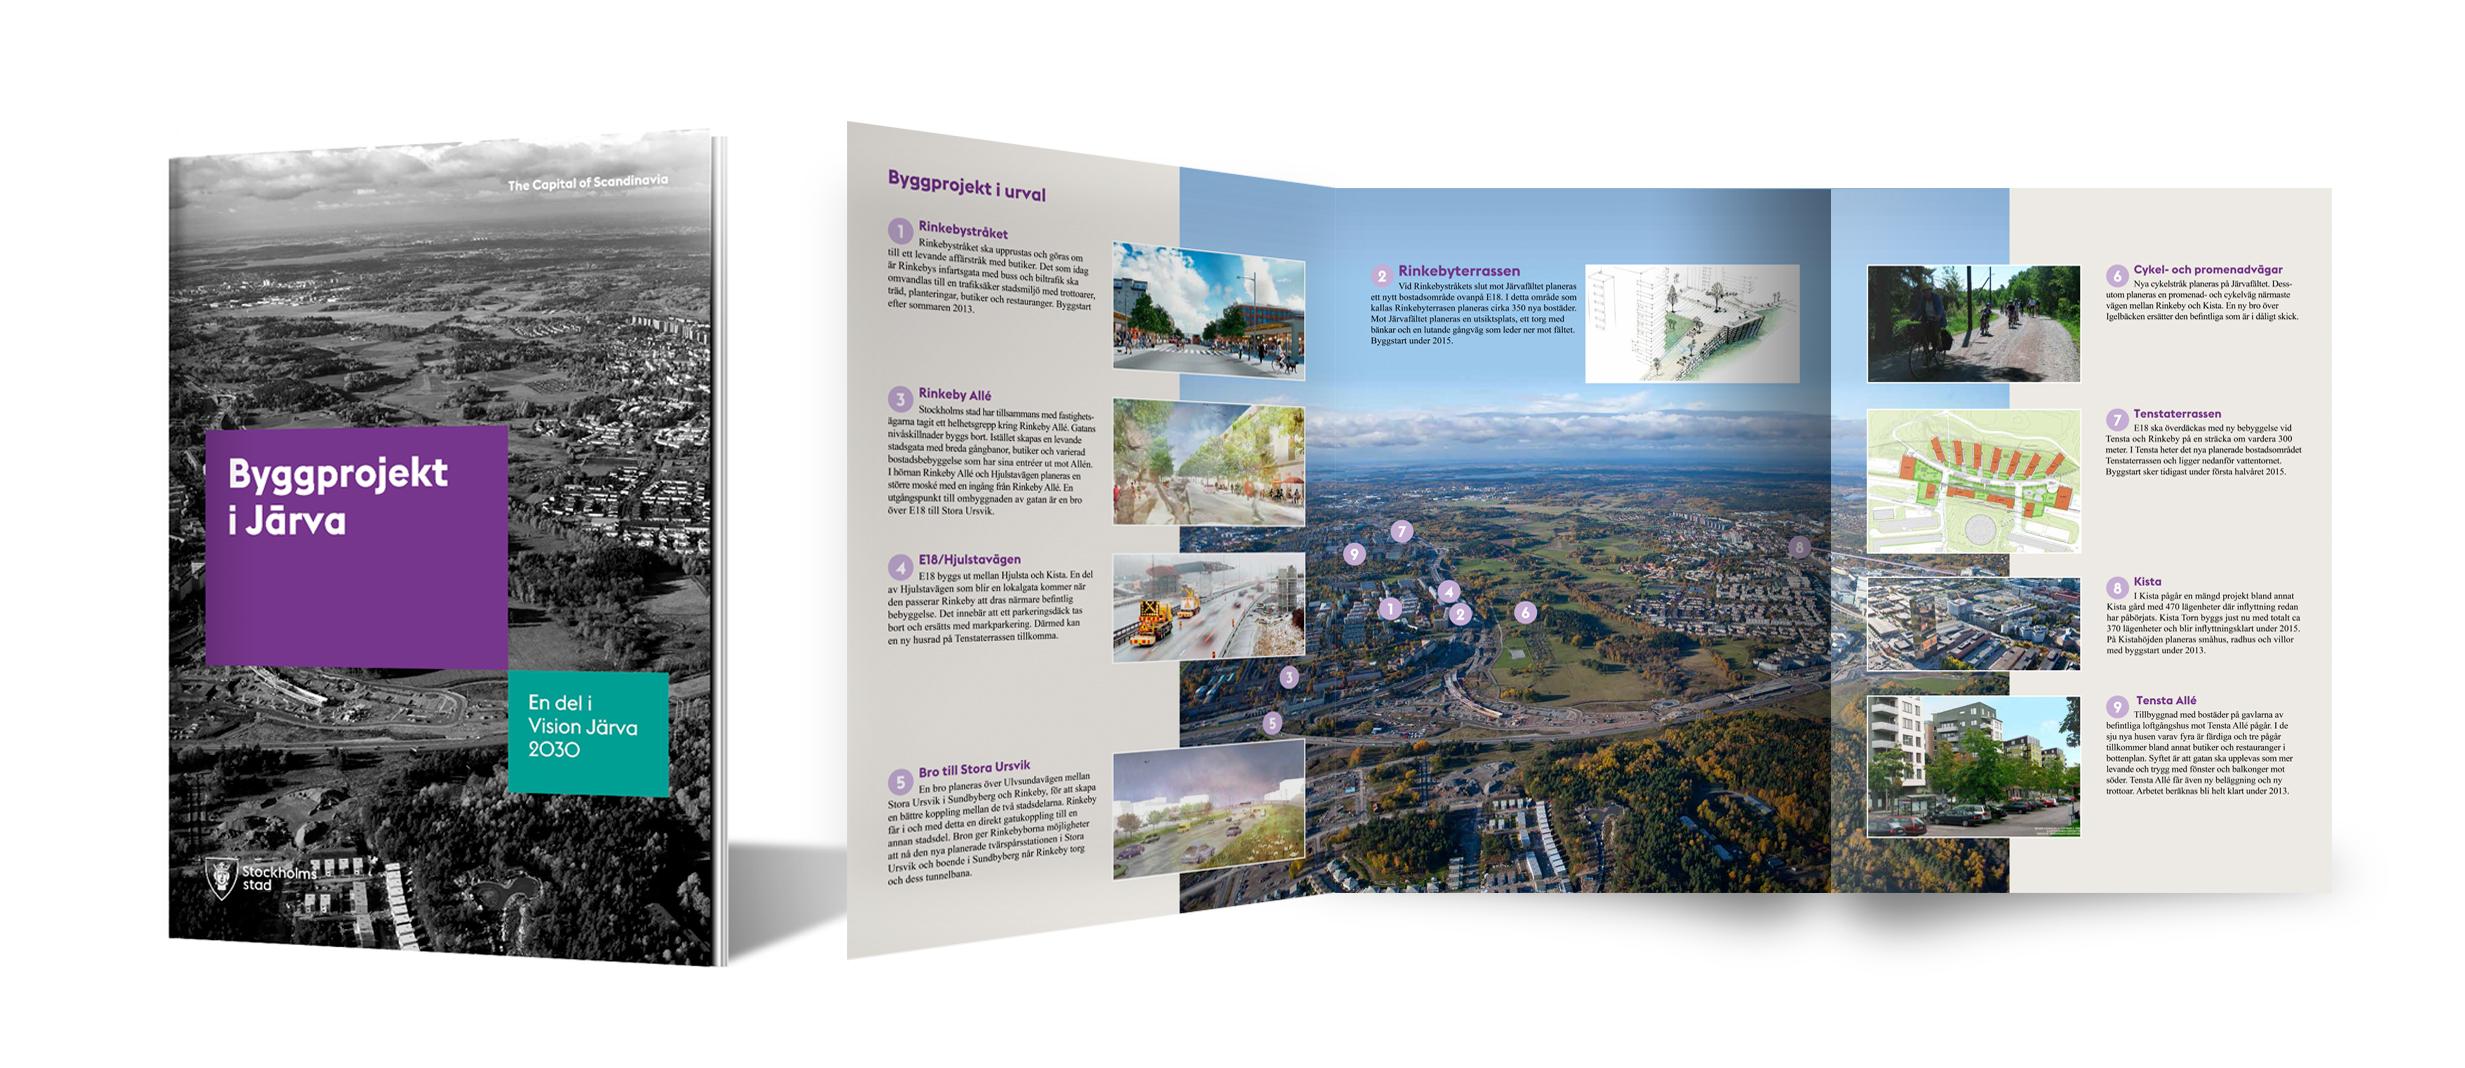 Design of unit byggprojekt järva